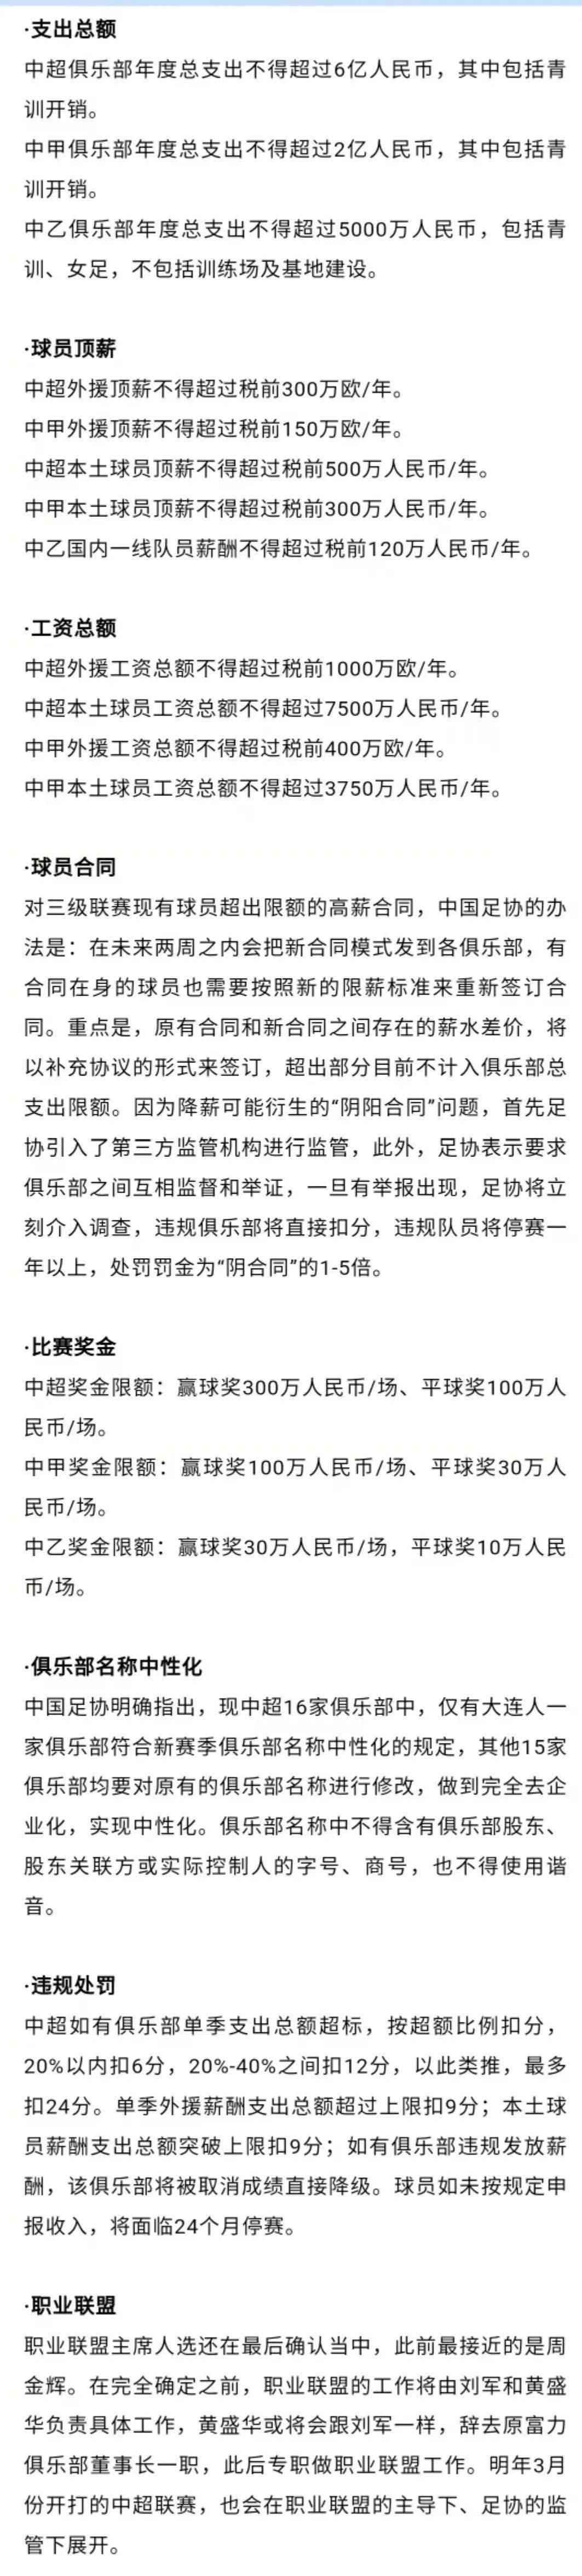 【斌动聚焦】中国足协旗下三级俱乐部工作会议新征求意见稿汇总(在未来相当长的时间里影响中国足球发展,尤其对俱乐部财务约定指标修改)